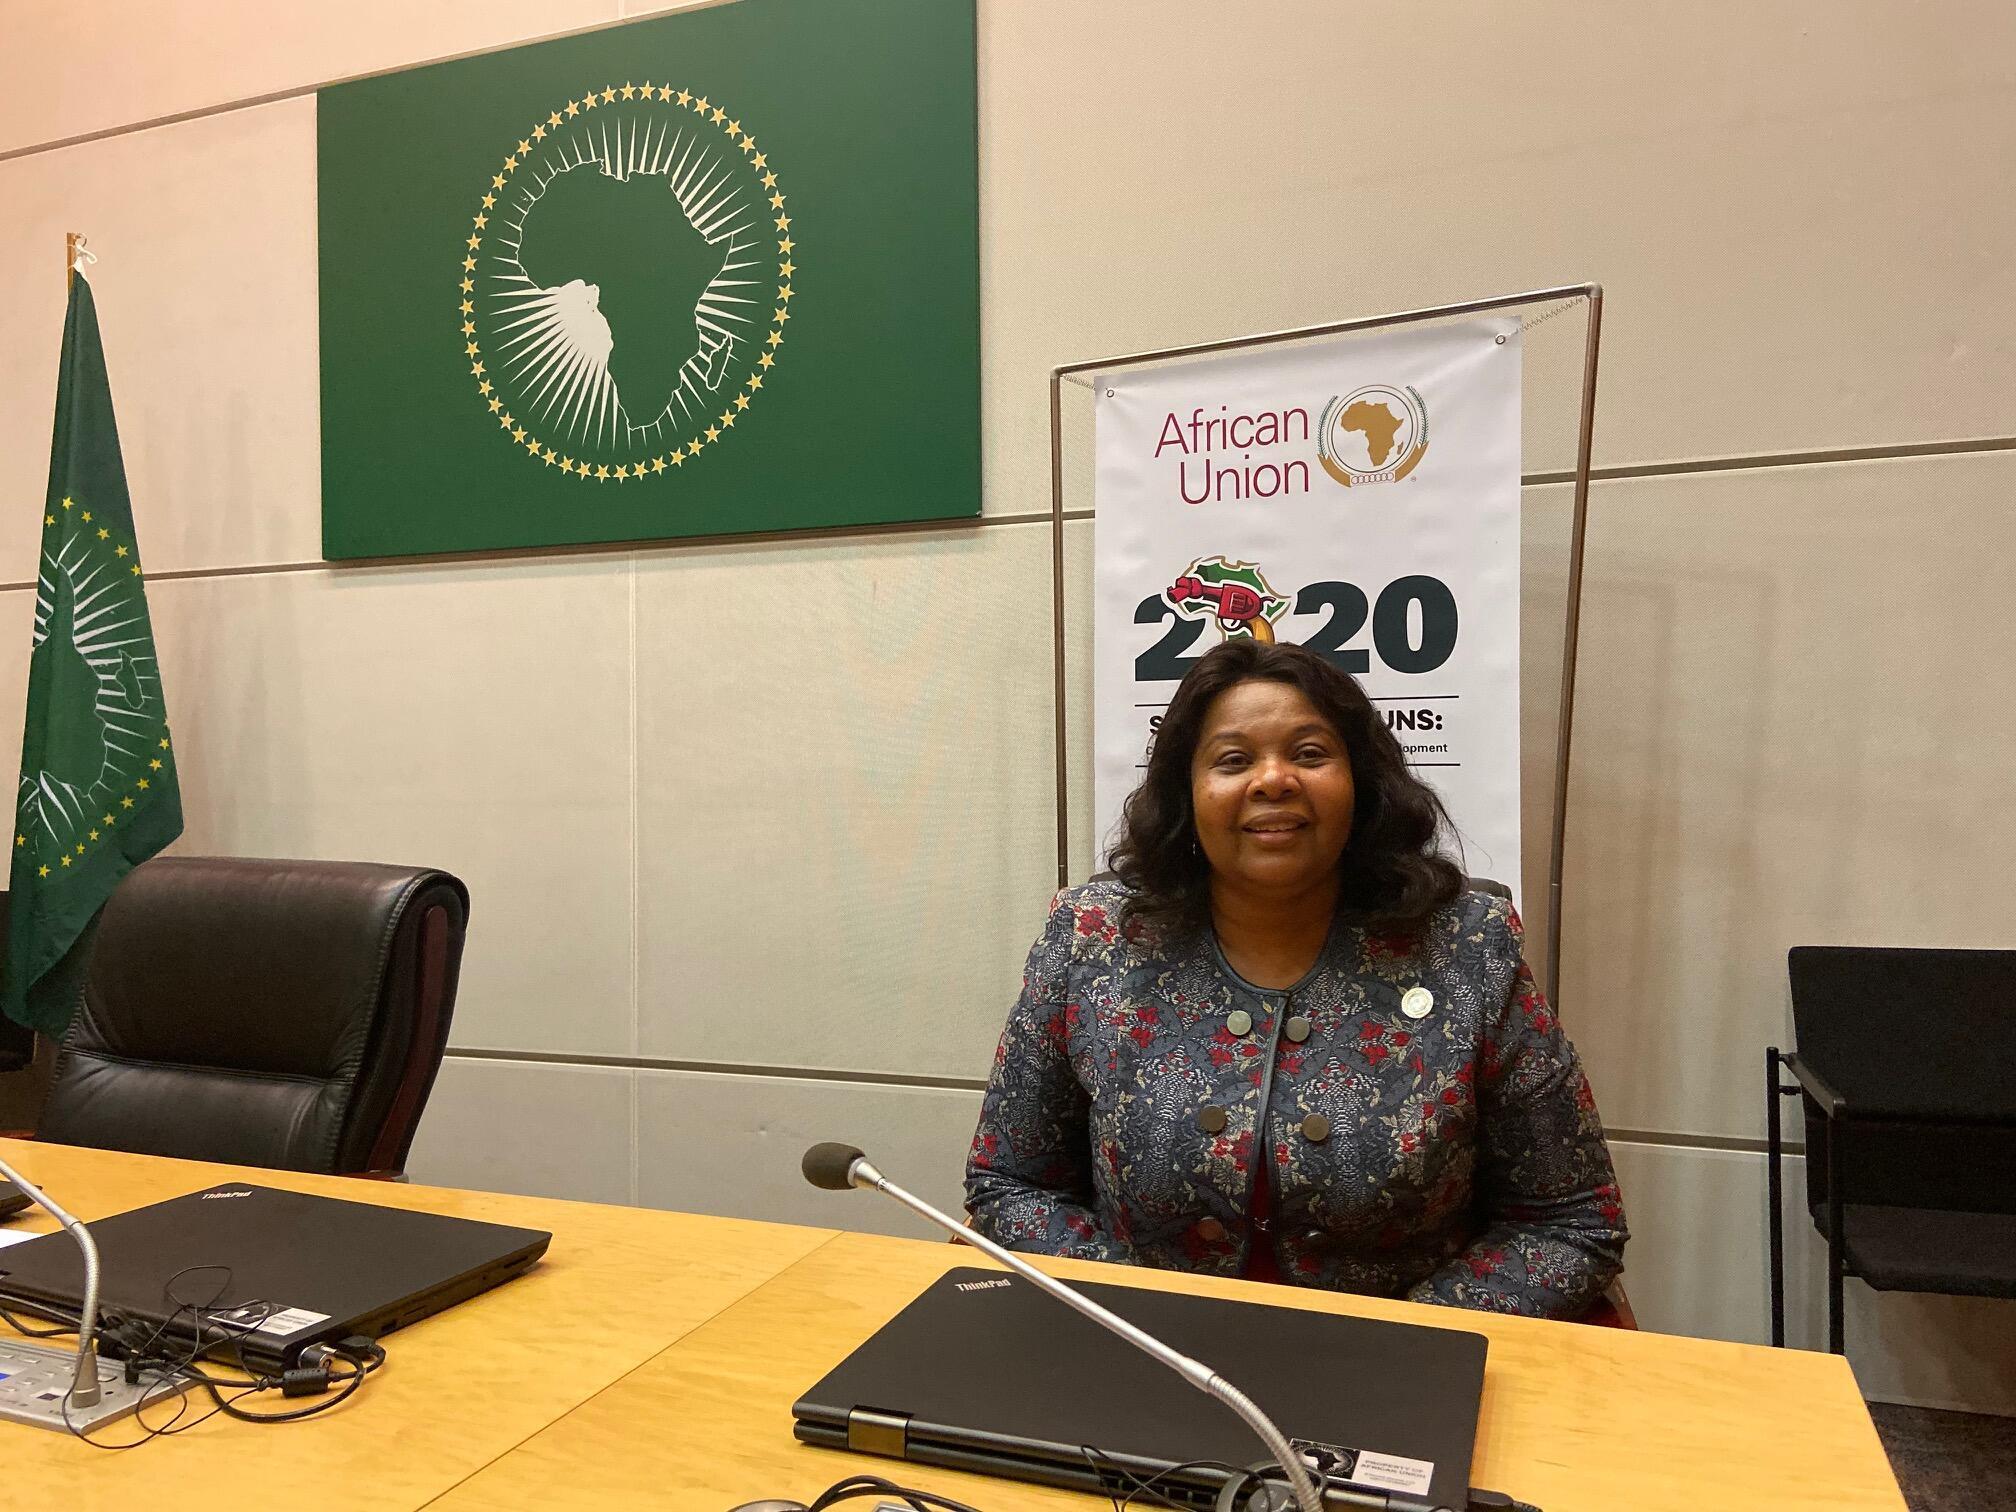 Elsa Pinto, chefe da delegação são-tomense no Conselho executivo da União Africana em Addis Abeba a 7 de Fevereiro de 2020.